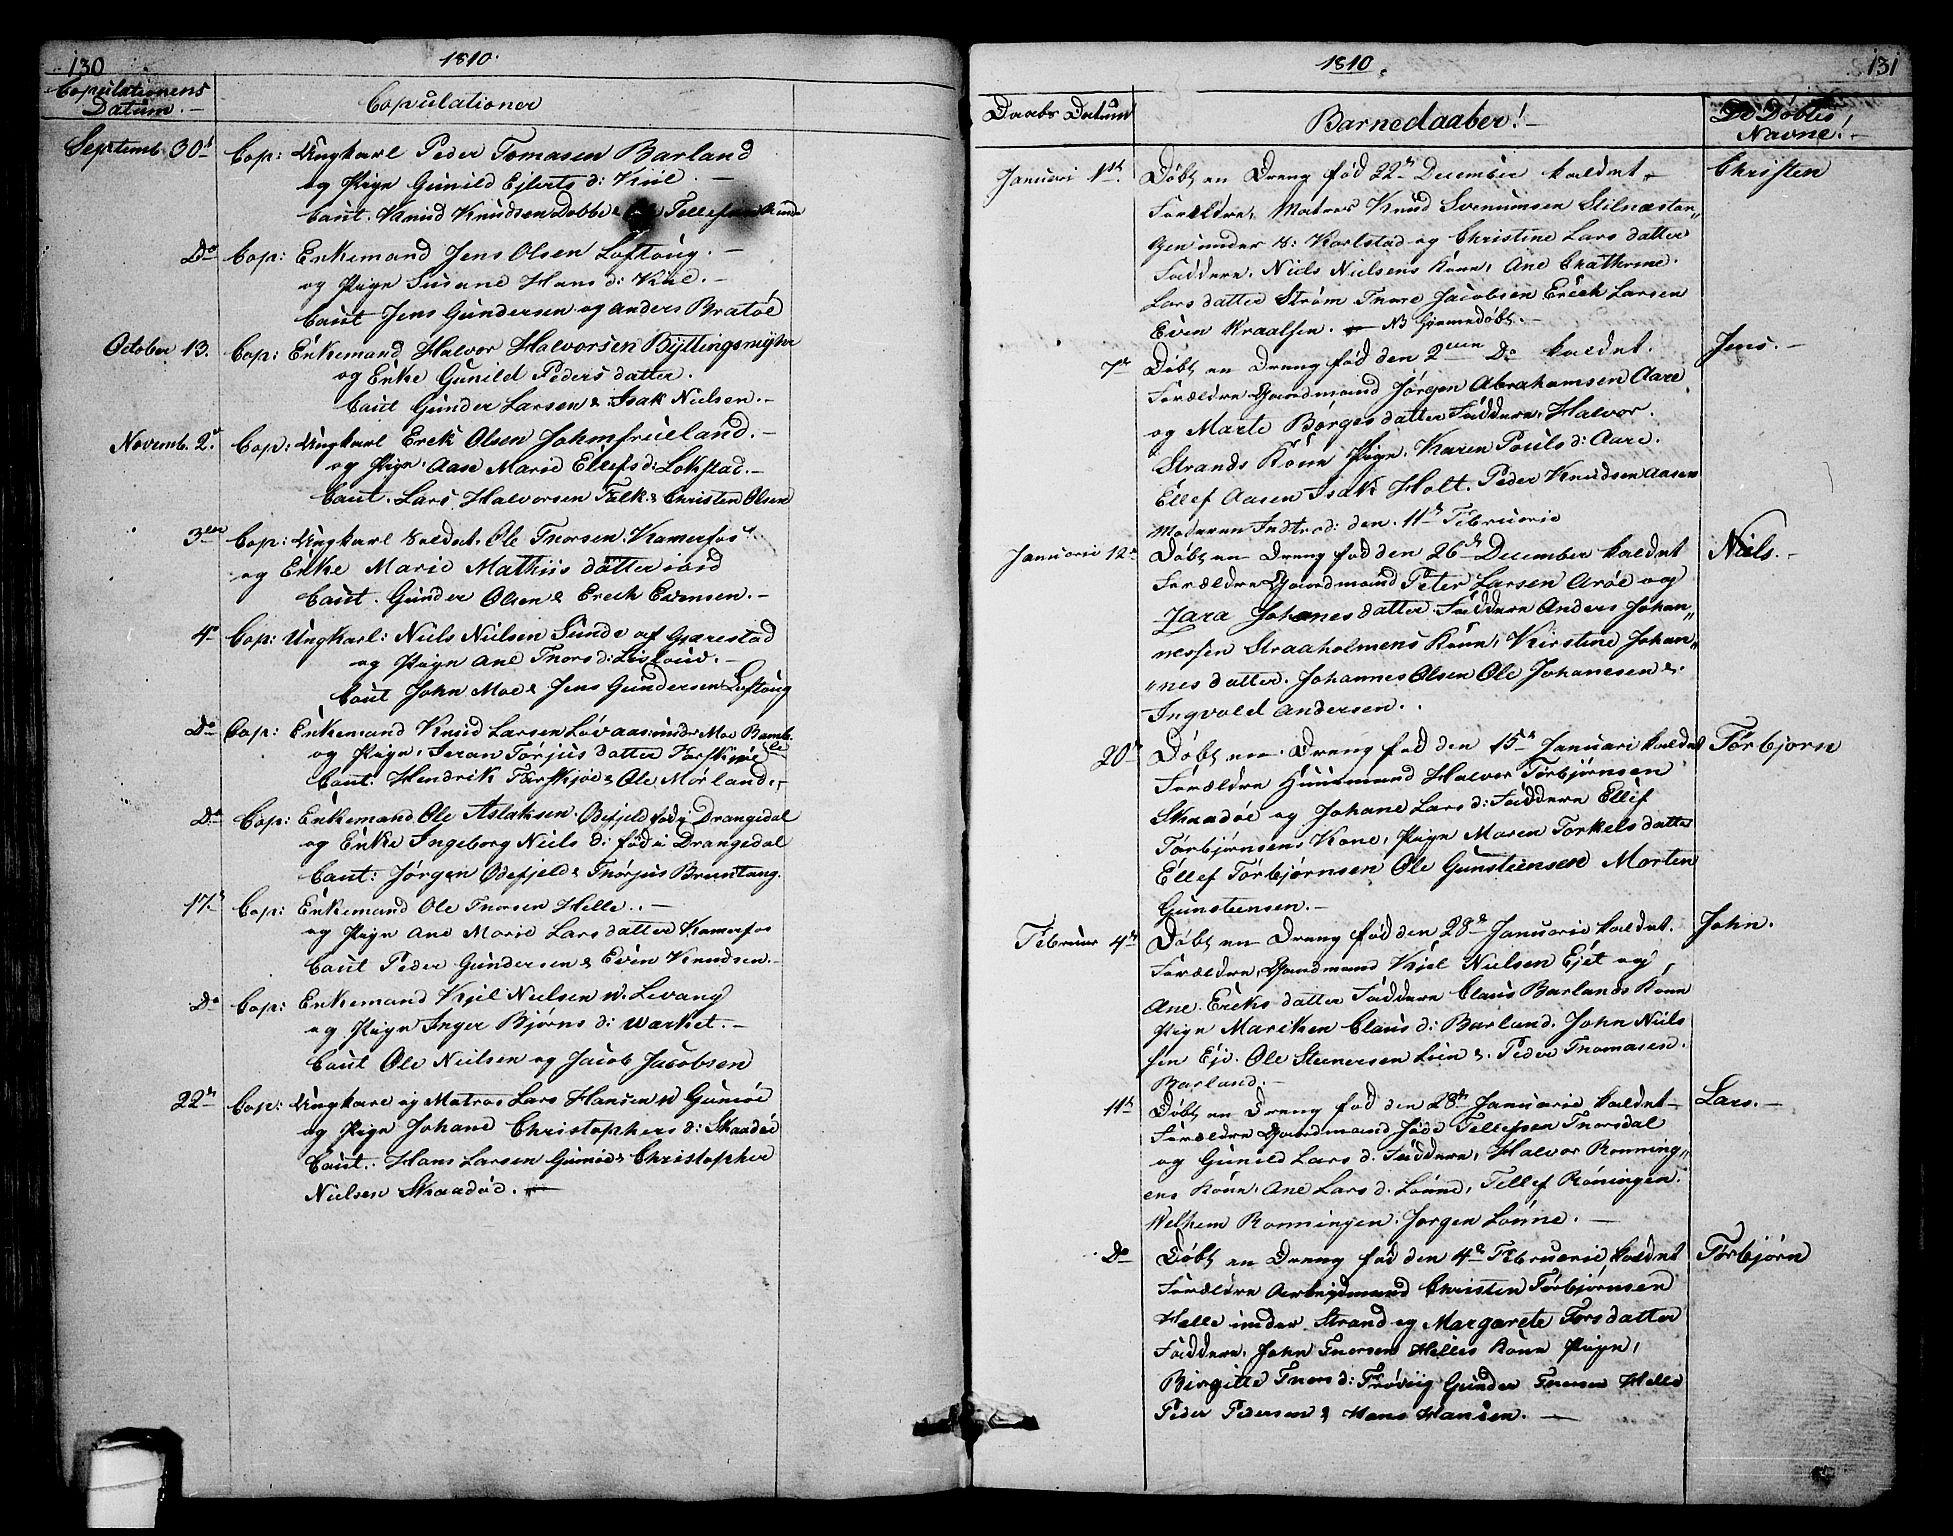 SAKO, Sannidal kirkebøker, F/Fa/L0003: Ministerialbok nr. 3, 1803-1813, s. 130-131